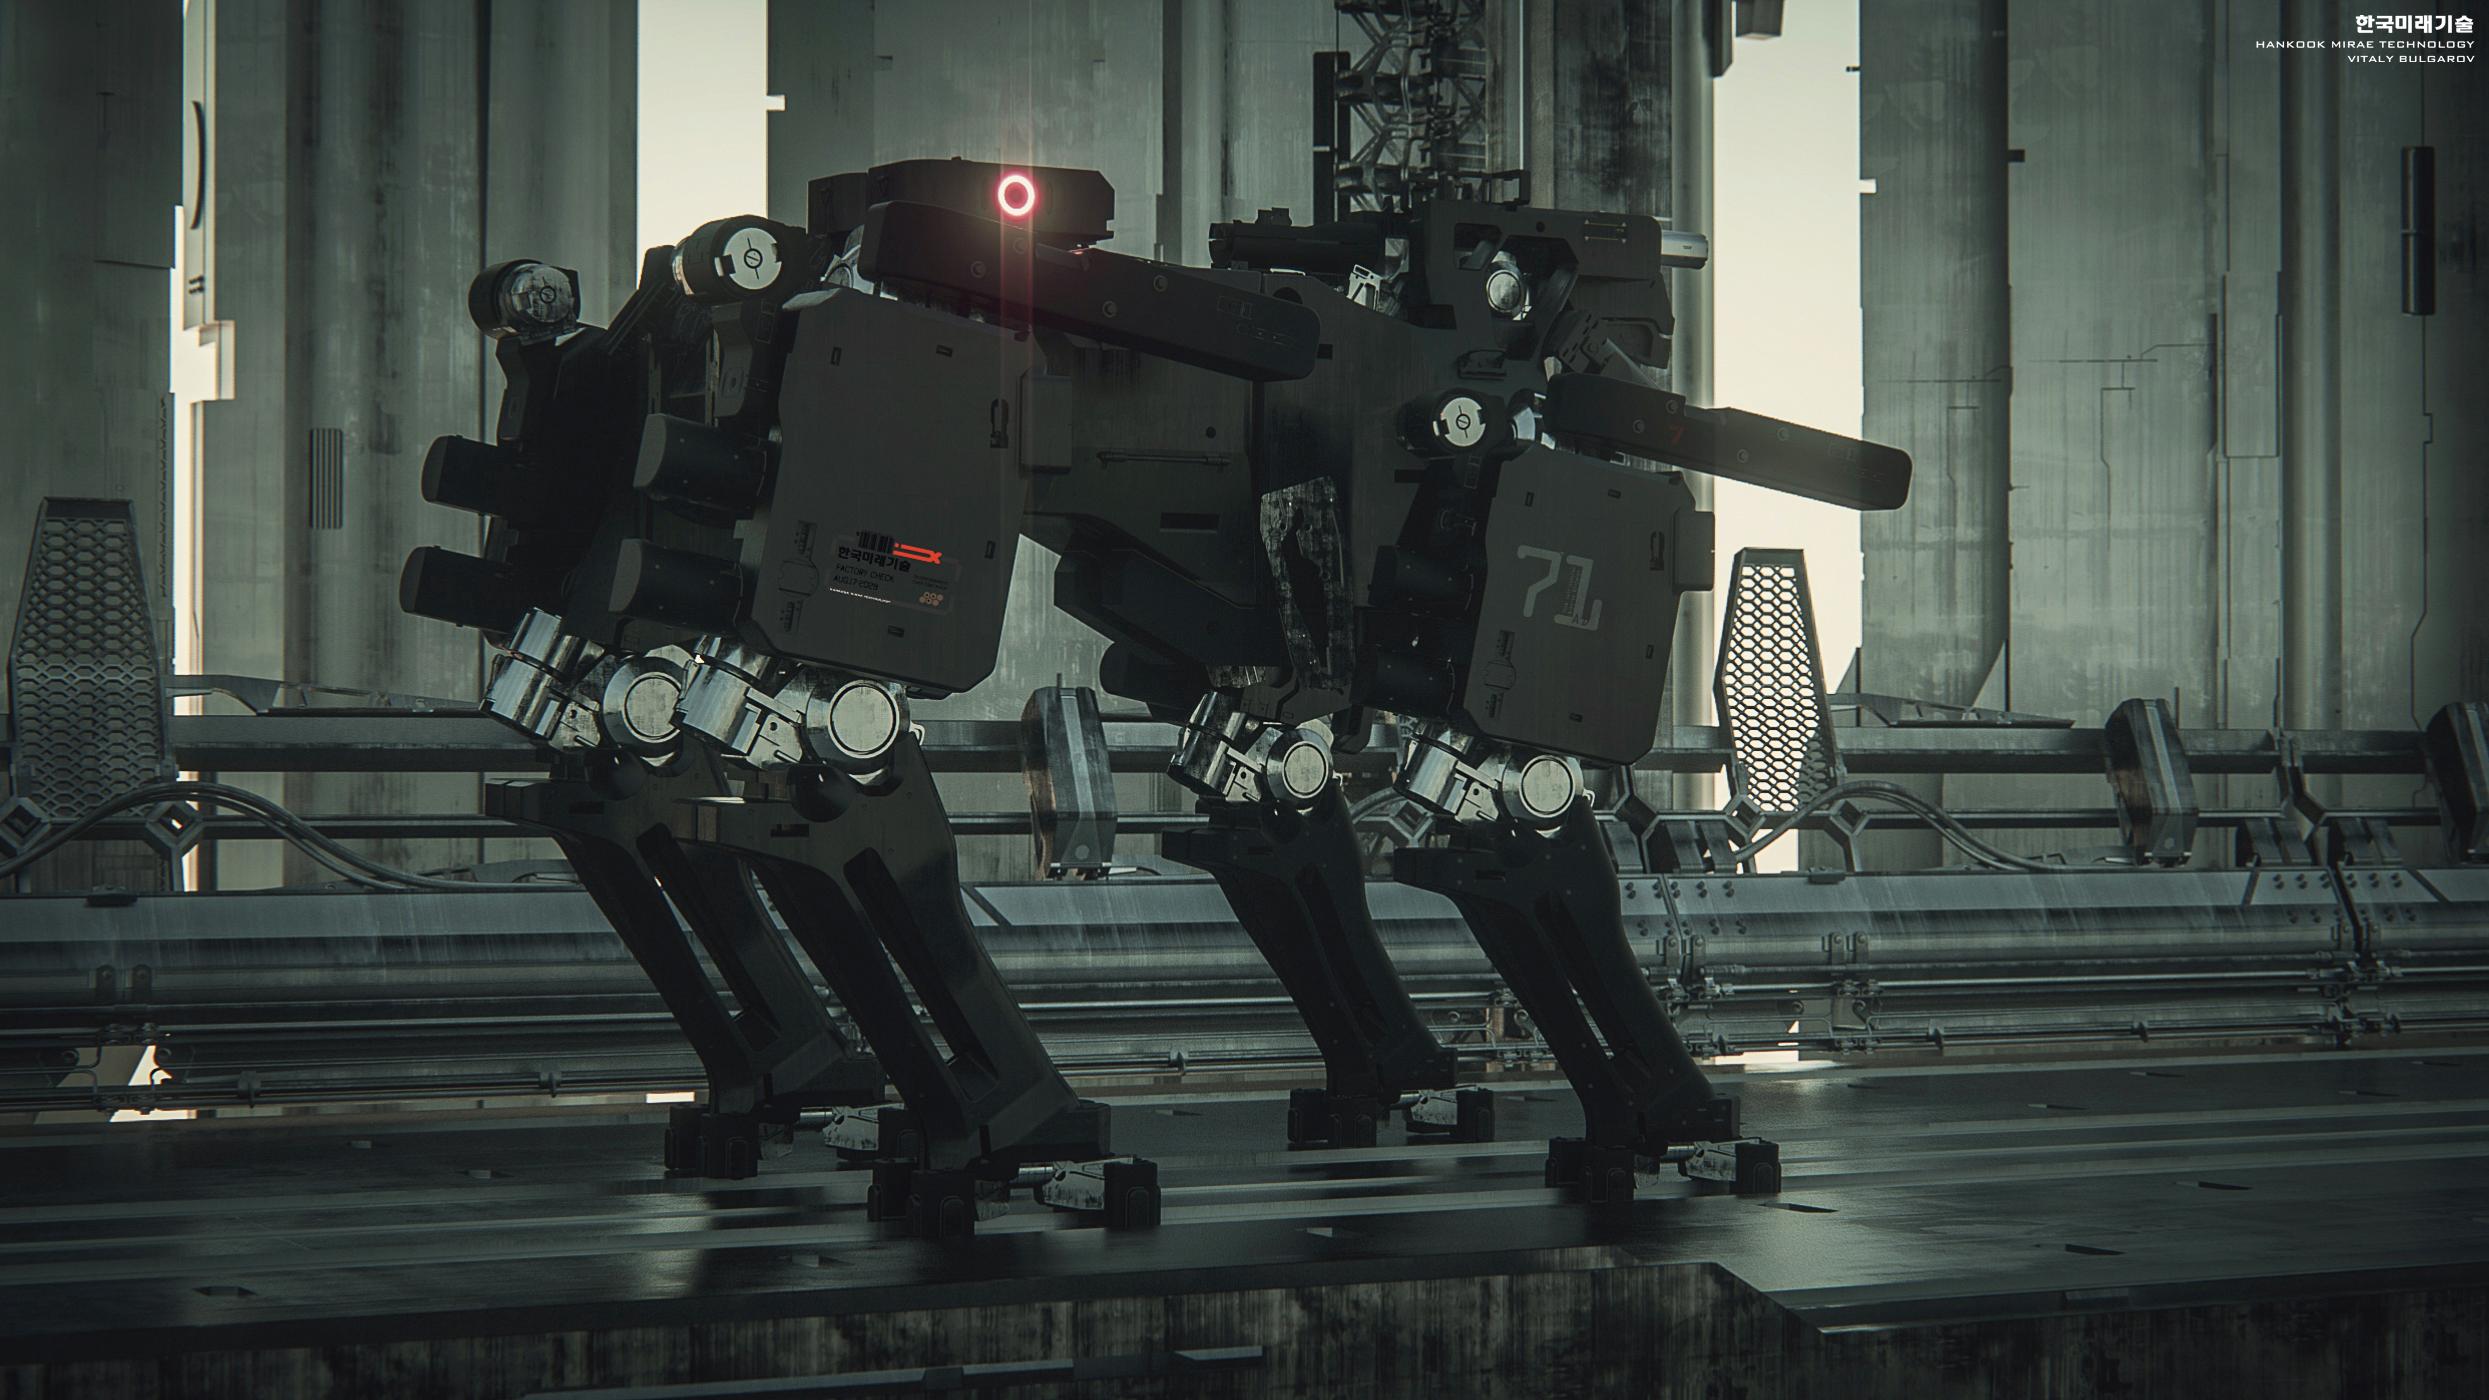 KFT_4LeggedRobot_V1_04.jpg